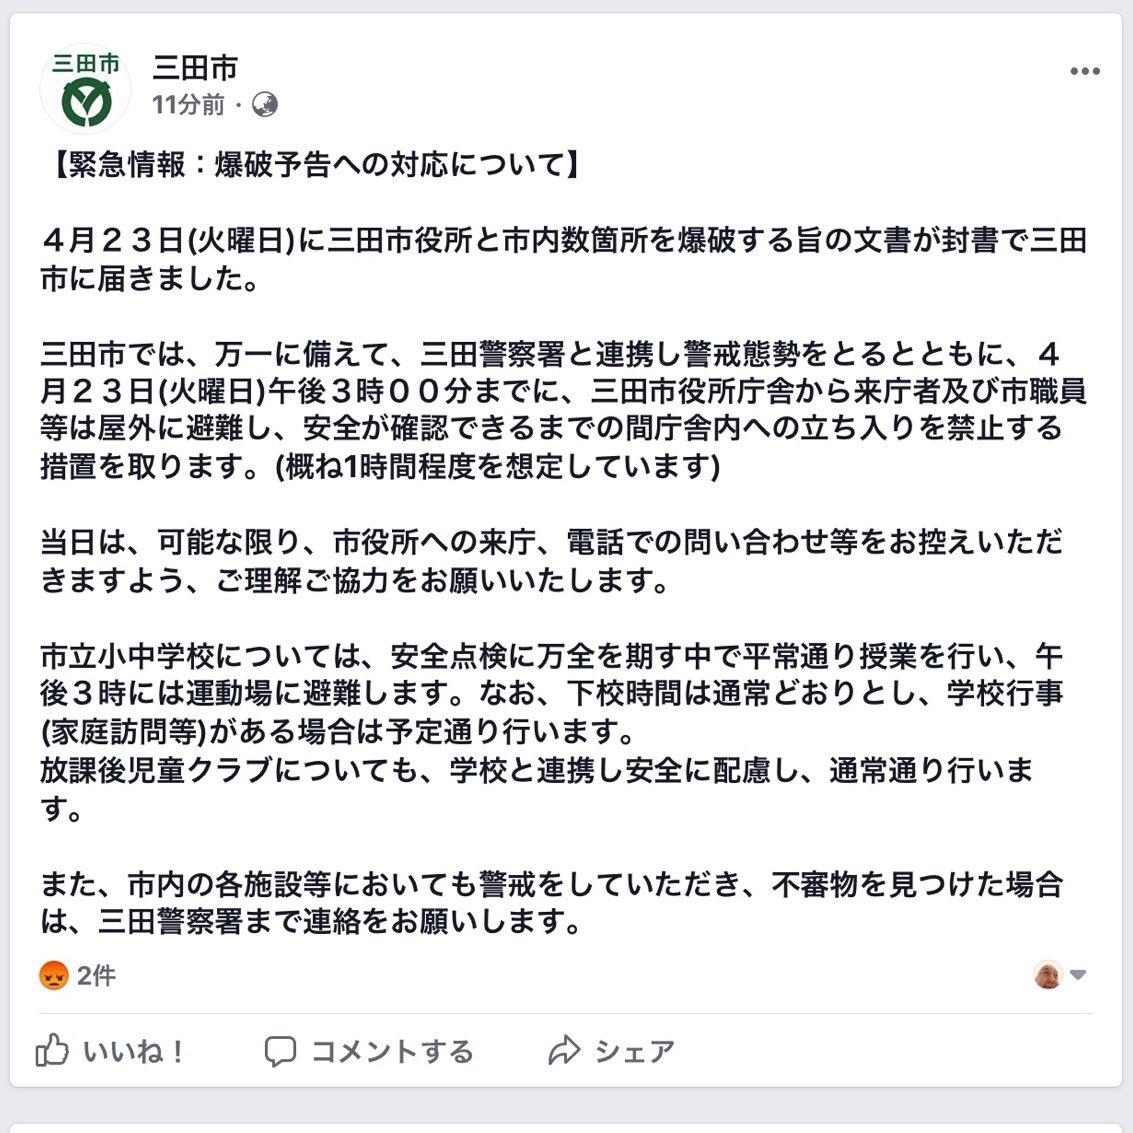 予告 同志社 爆破